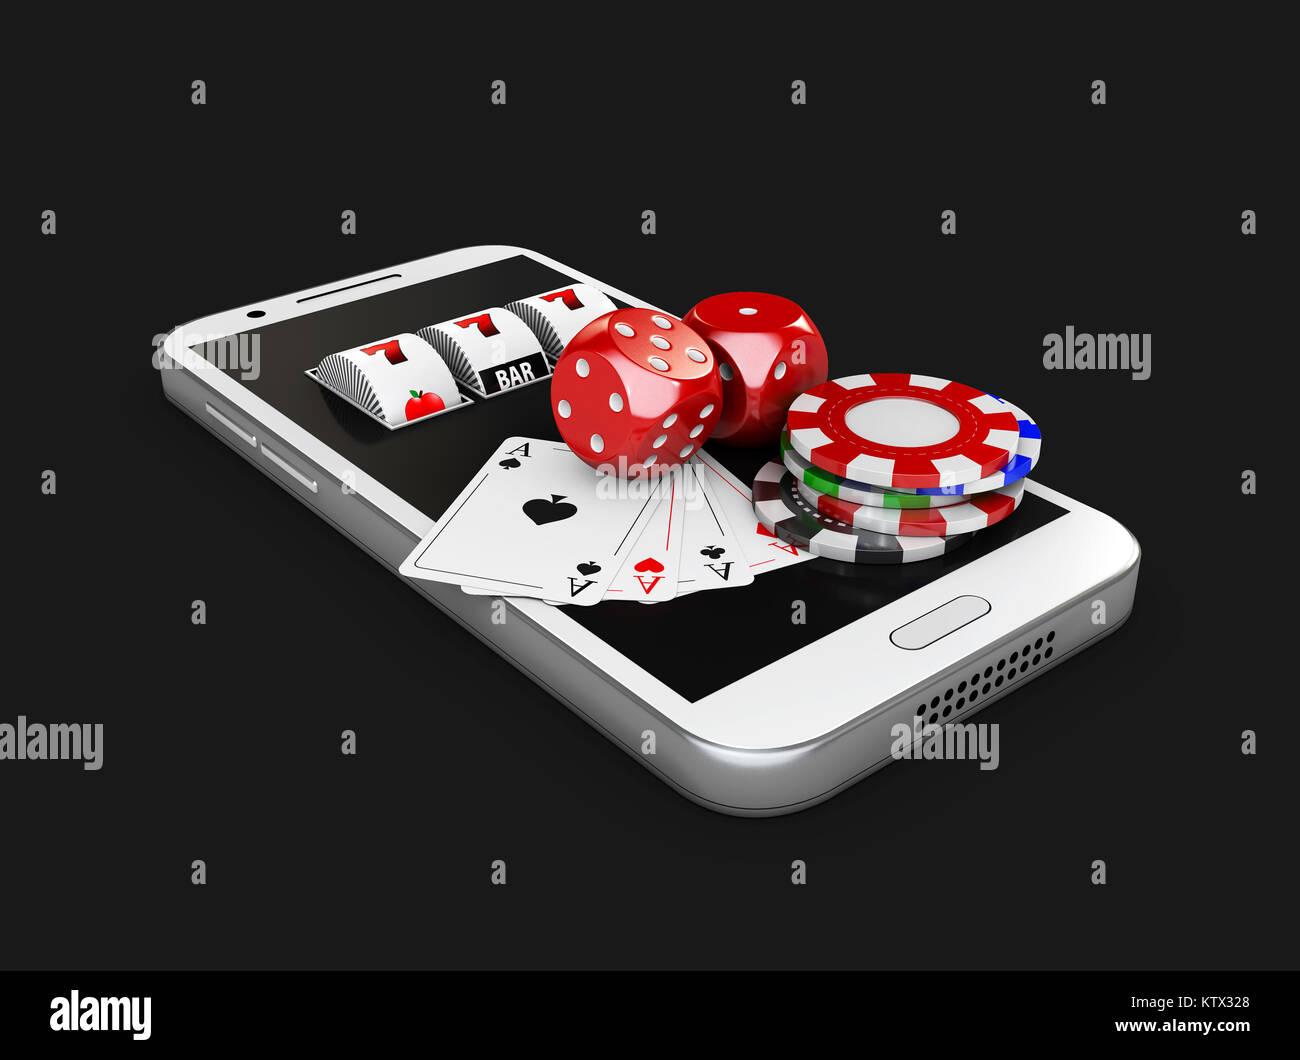 Онлайн казино игровые автоматы - Казино Супер Слотс